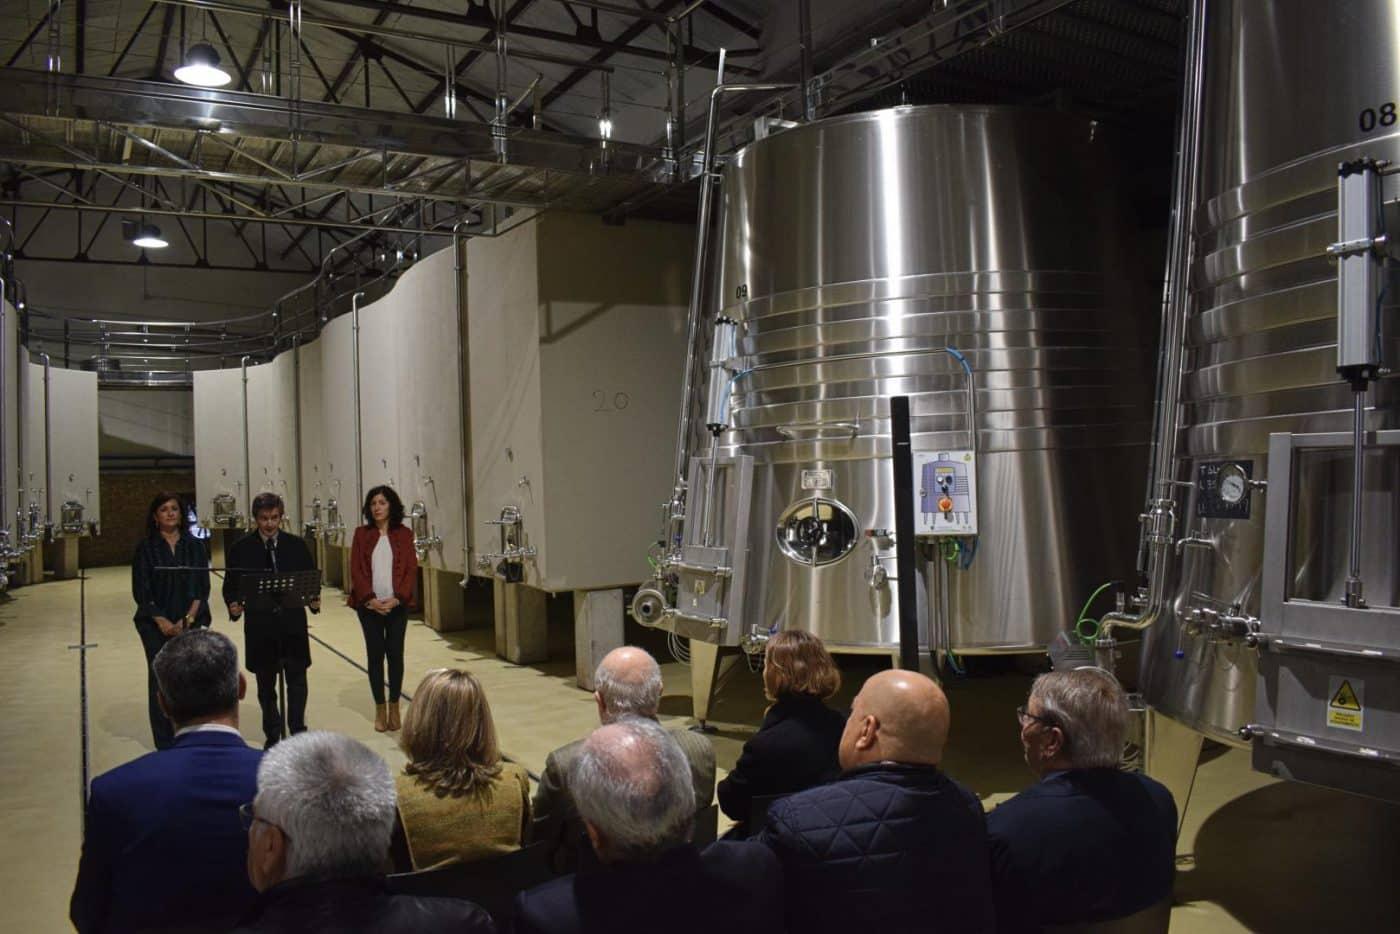 CVNE celebra su 140 aniversario con la ampliación de sus instalaciones en la histórica bodega de Haro 2